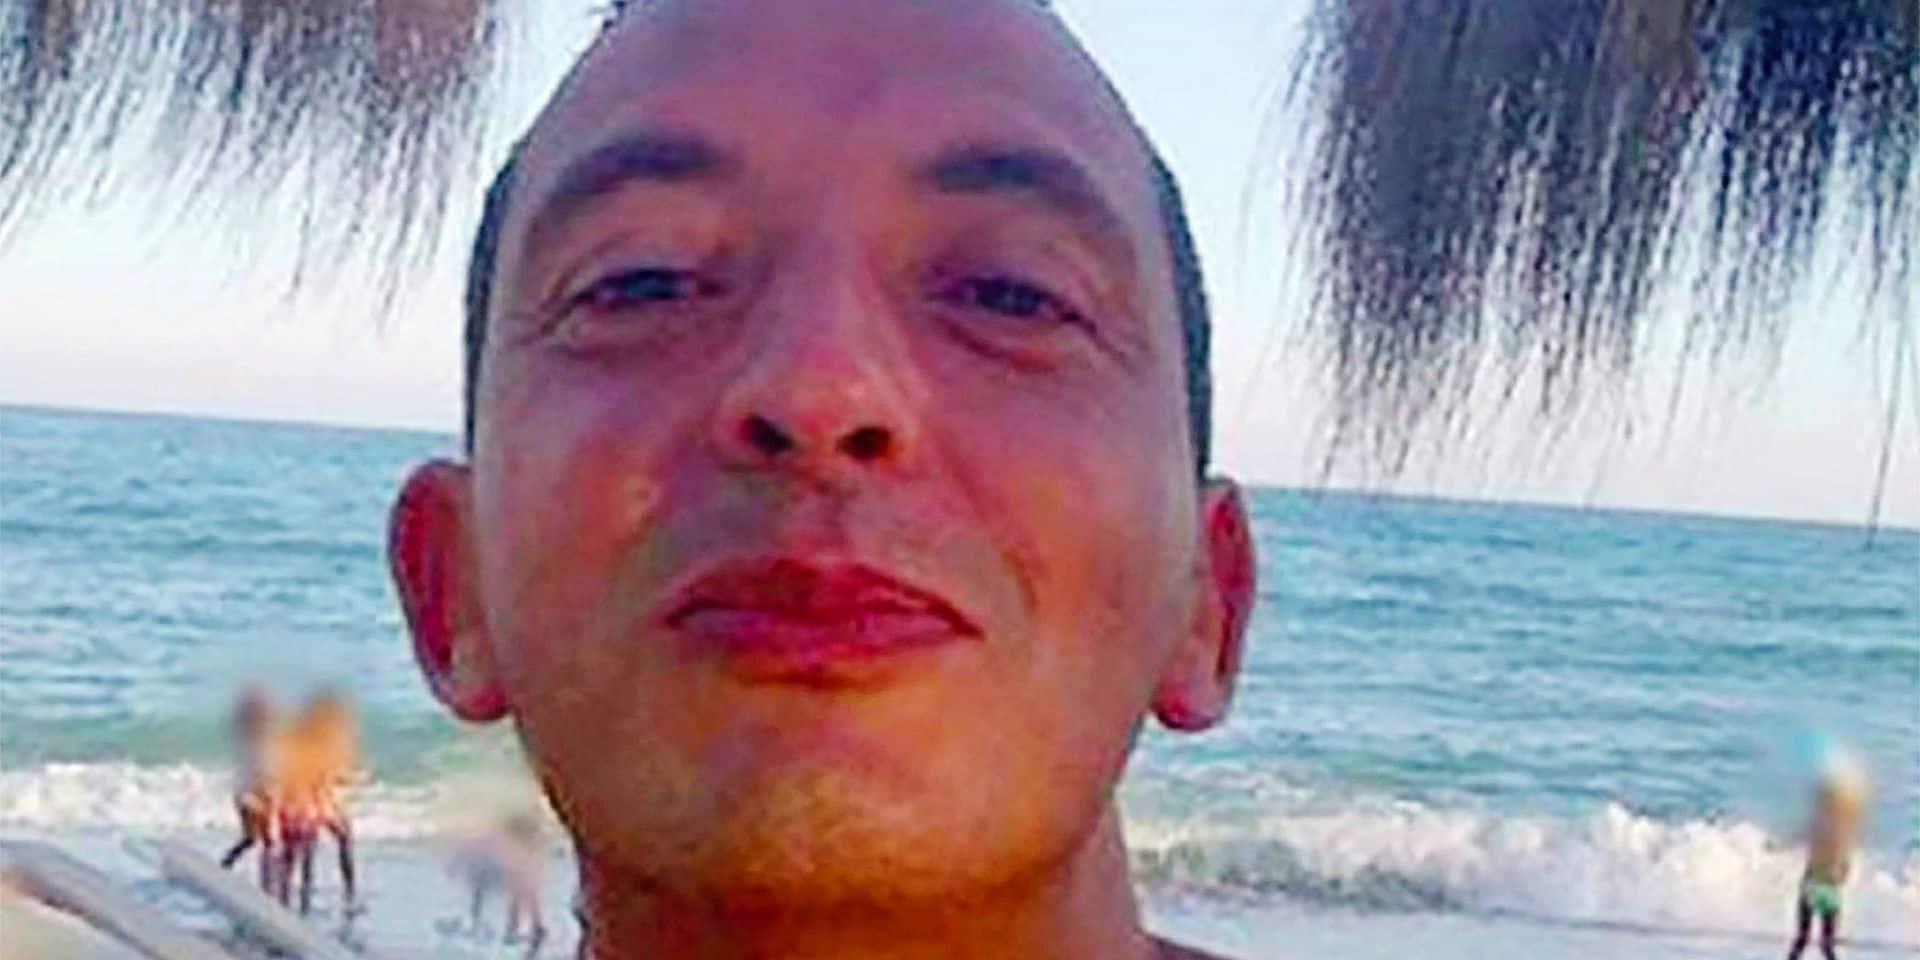 Qui est Ridouan Taghi, le mafieux qui avait mis Peter R. de Vries sur liste noire ?